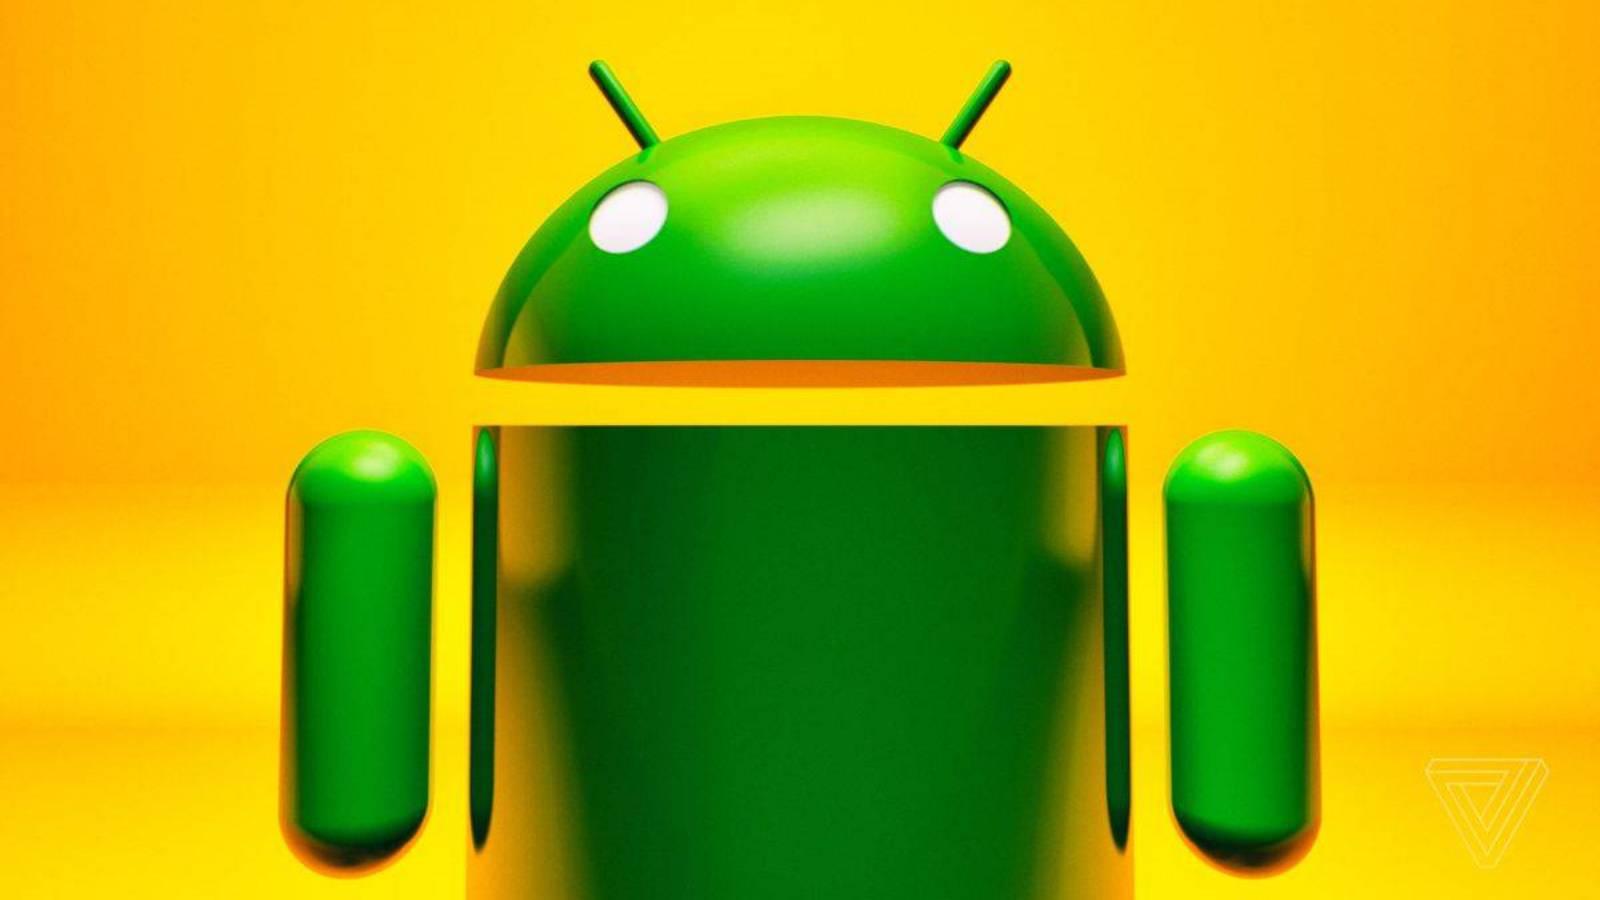 Android plimbari